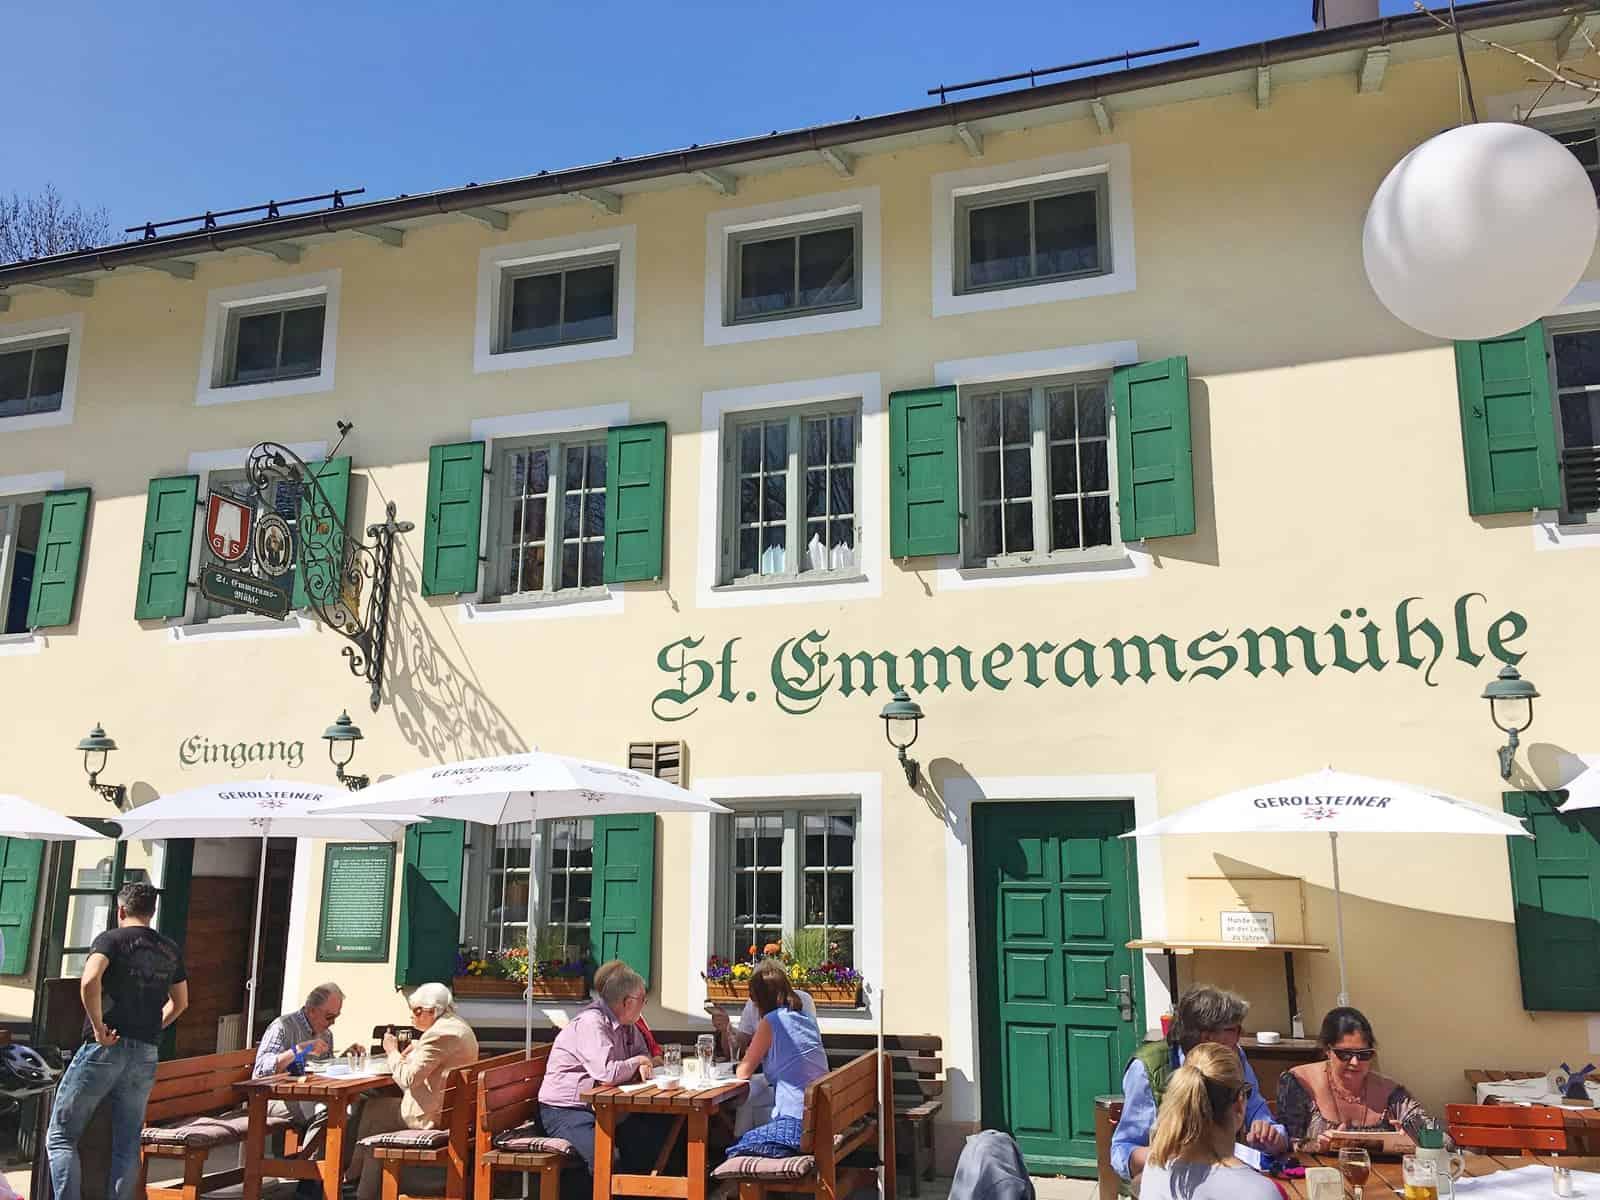 BIERGARTEN SANKT EMMERAMSMÜHLE AM ENGLISCHEN GARTEN